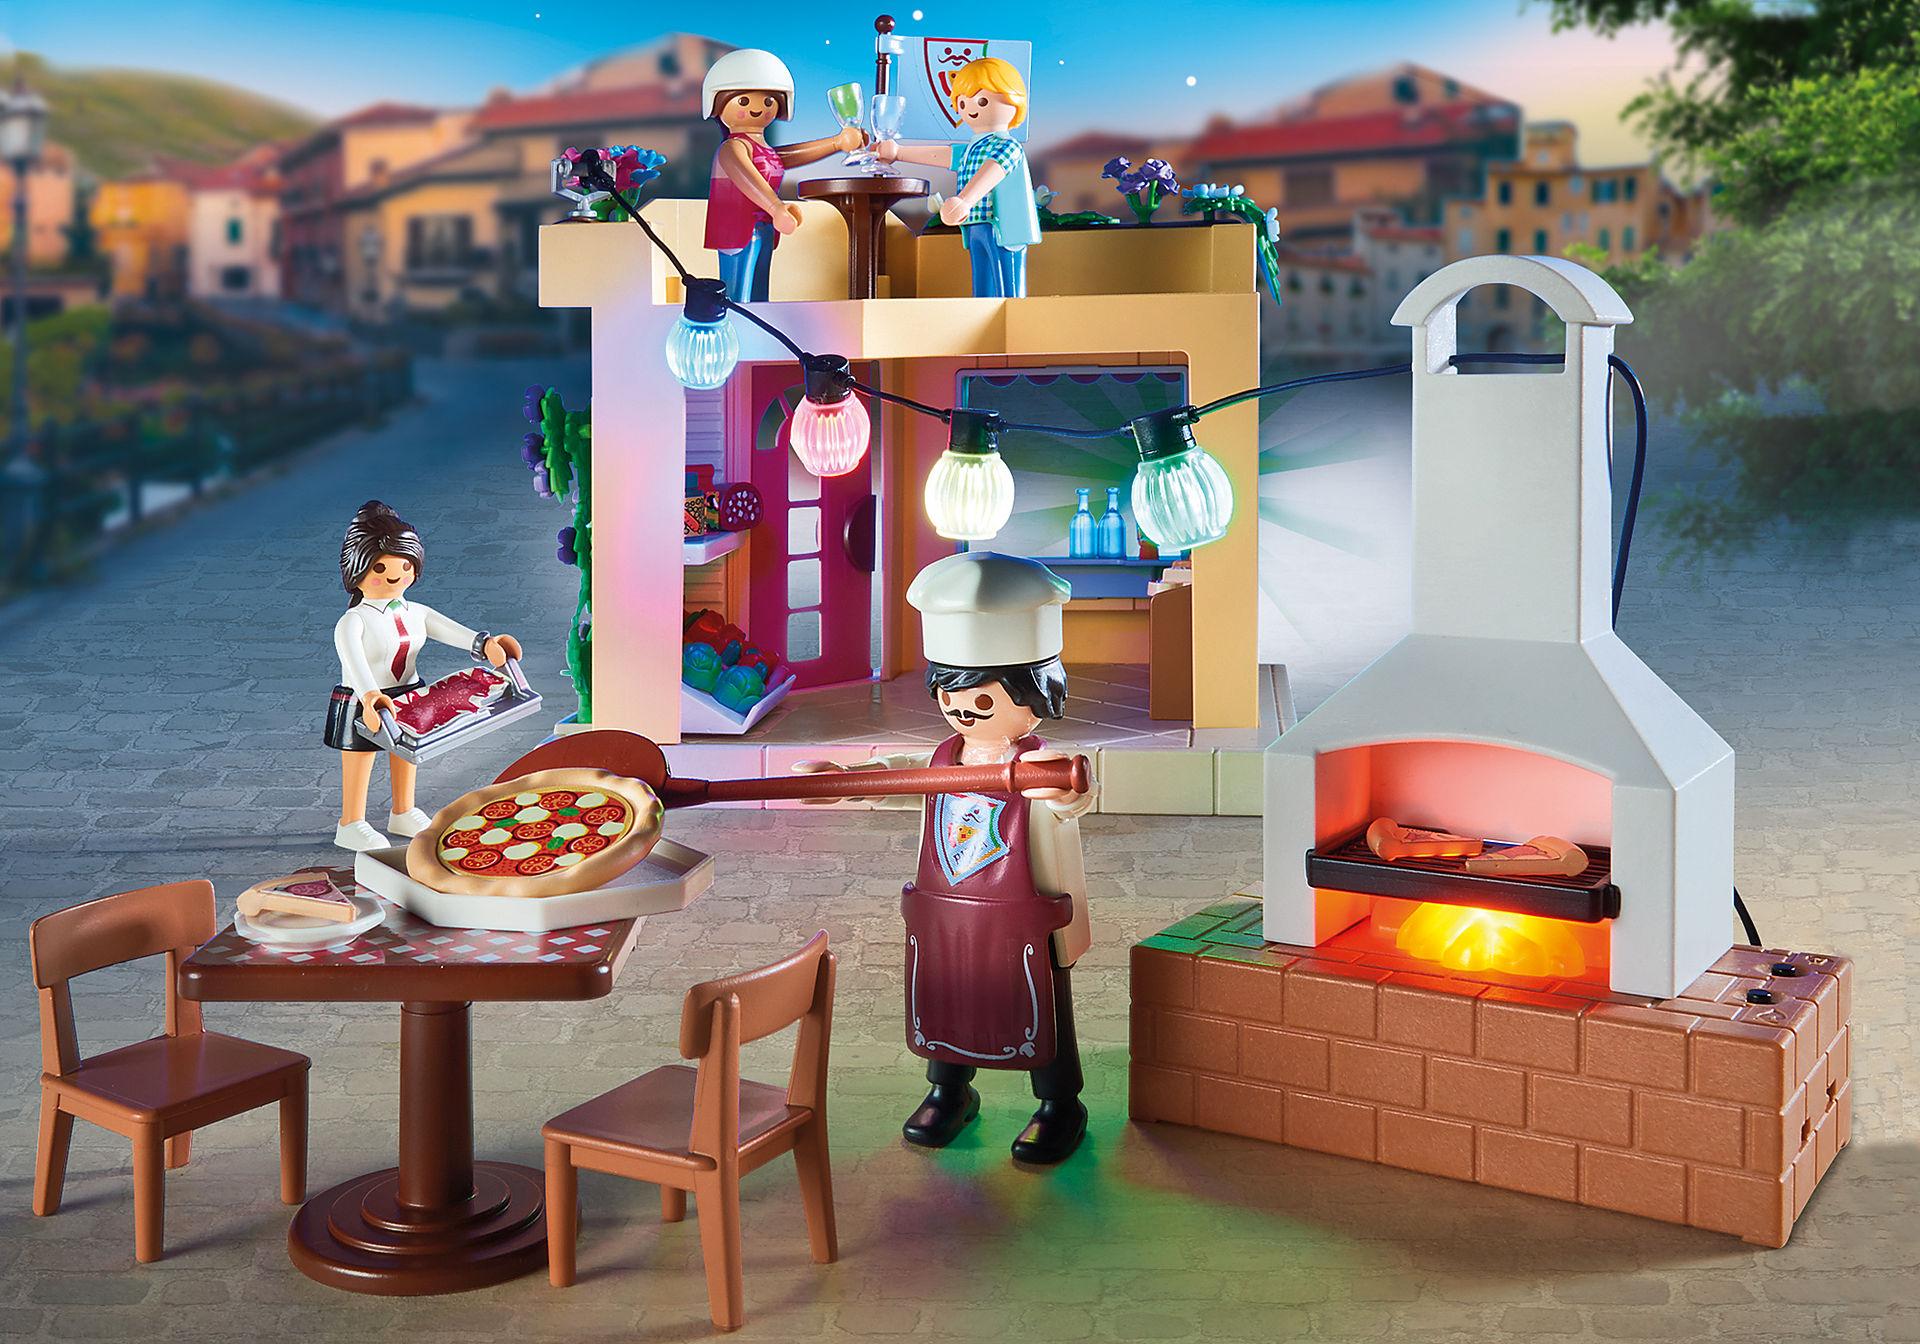 70336 Pizzeria z ogródkiem restauracyjnym zoom image5